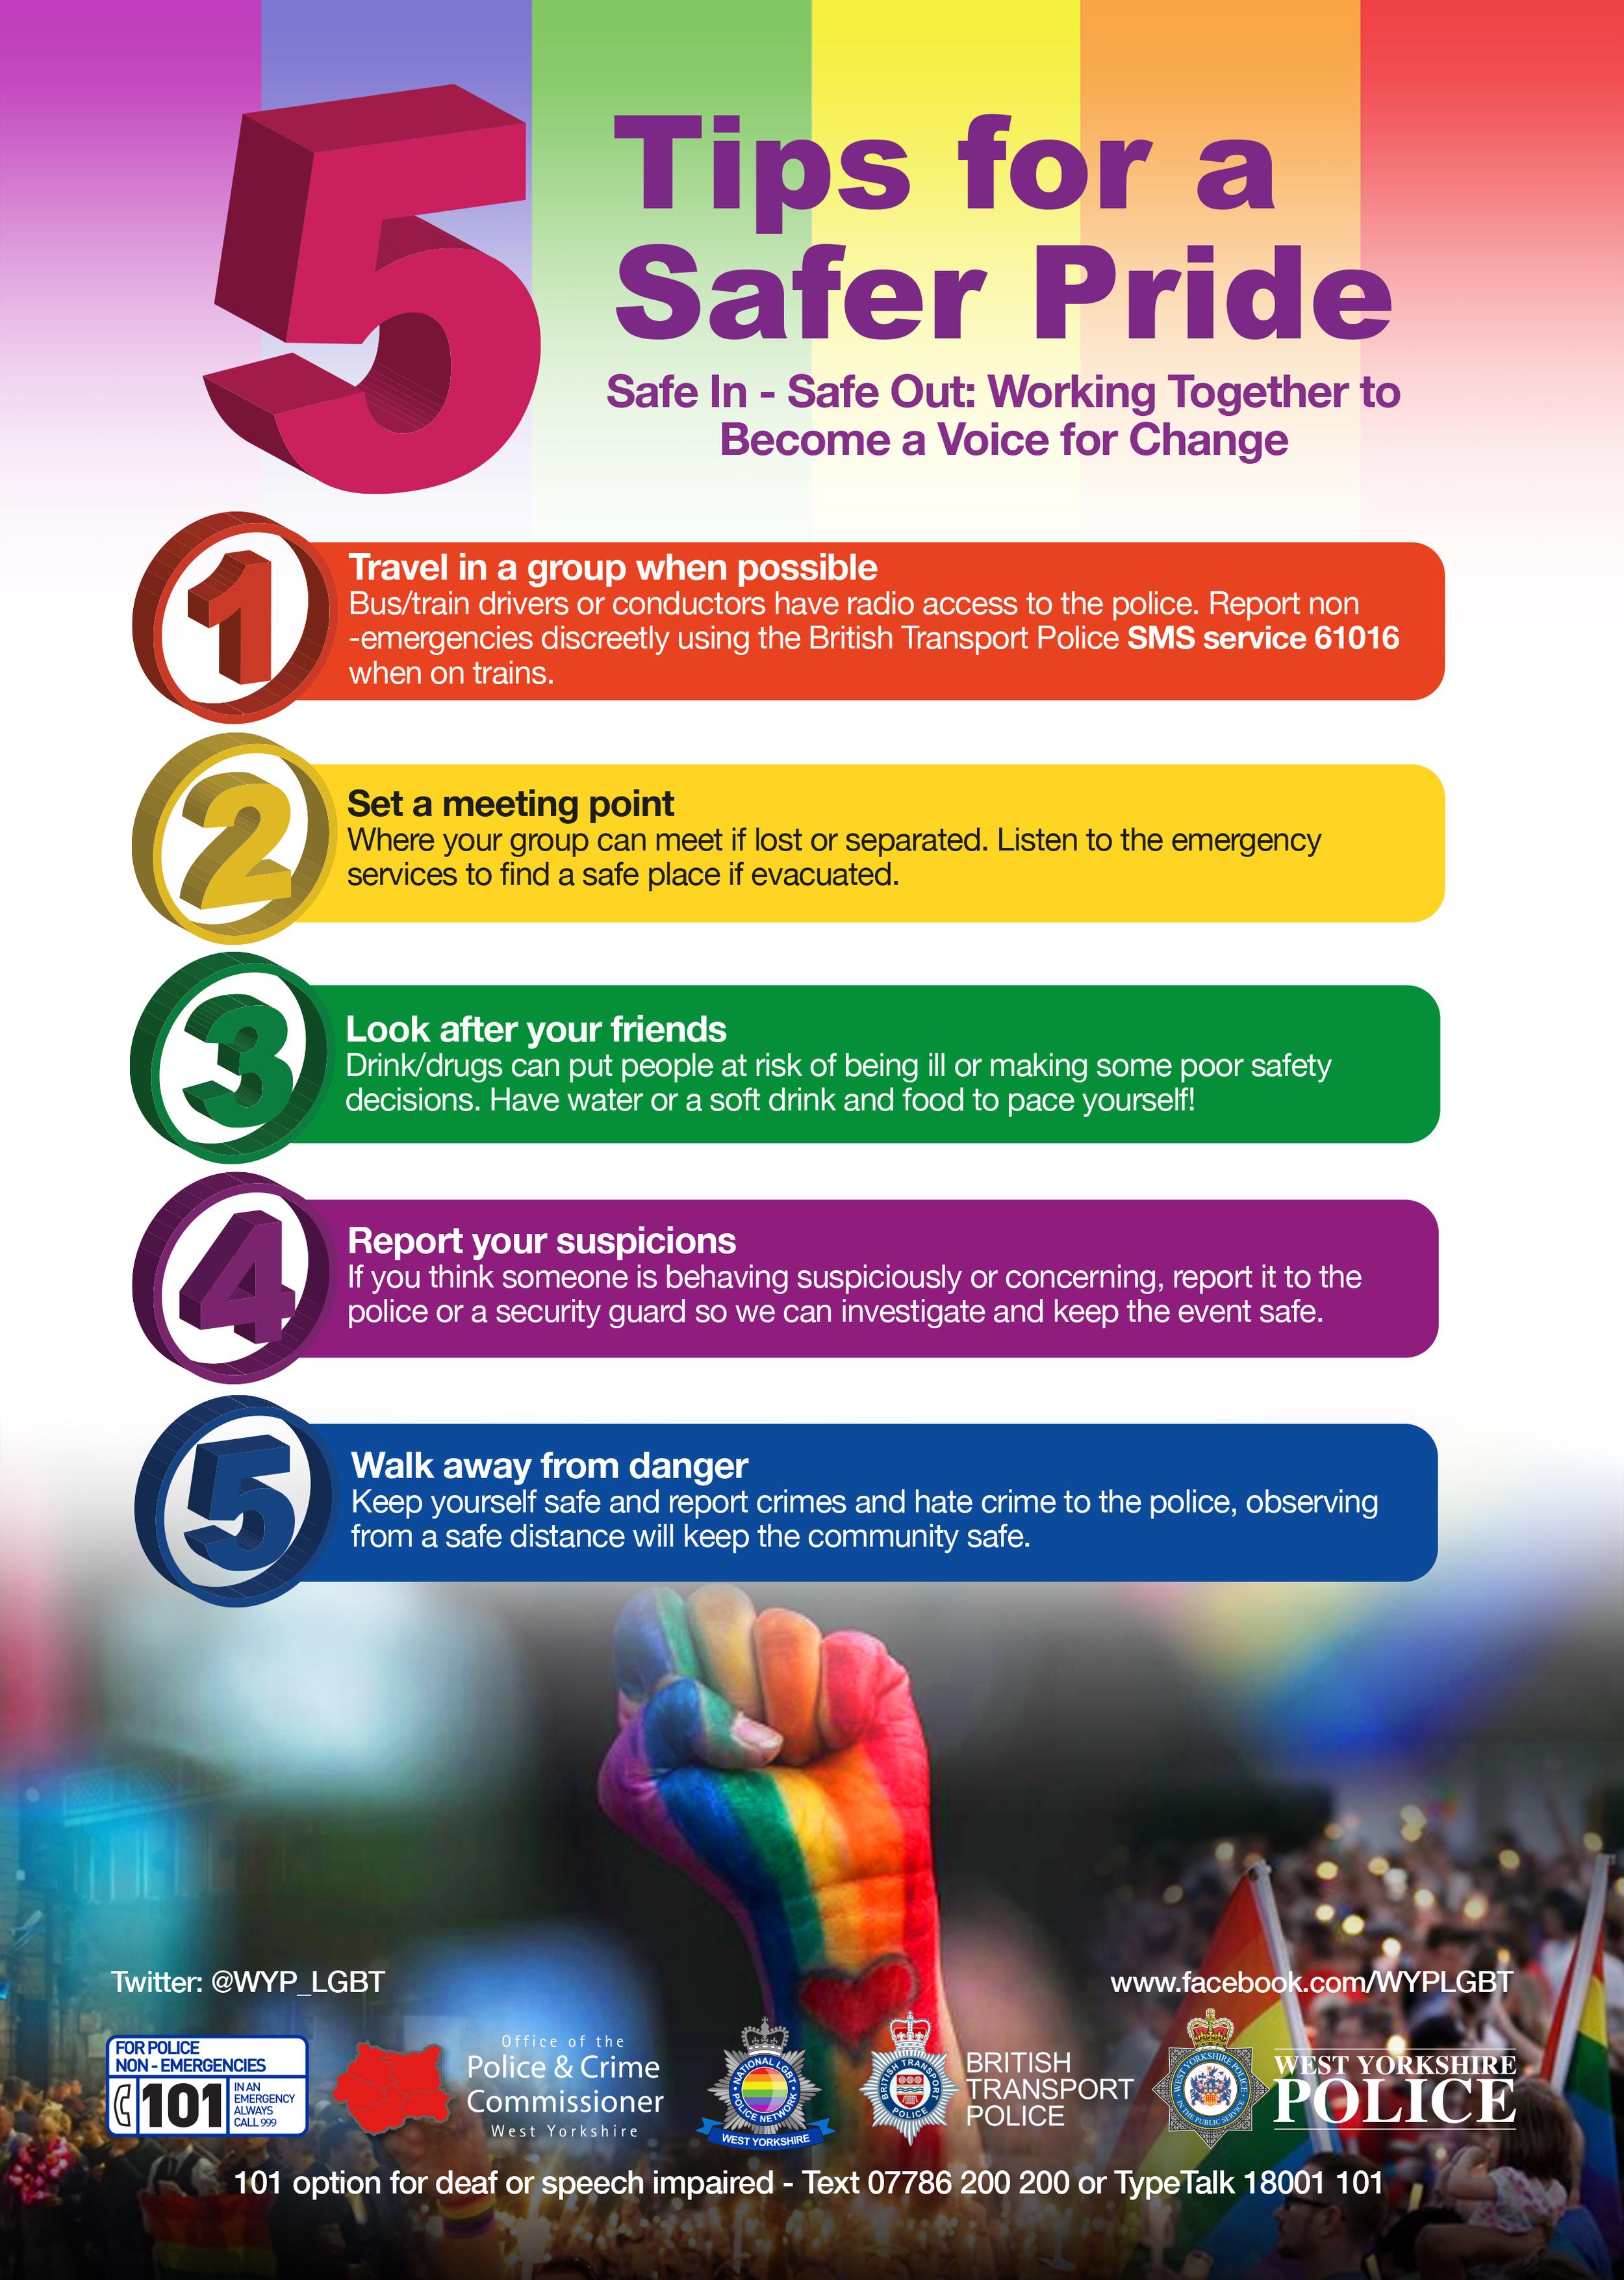 Tips for a Safer Pride — Leeds Pride